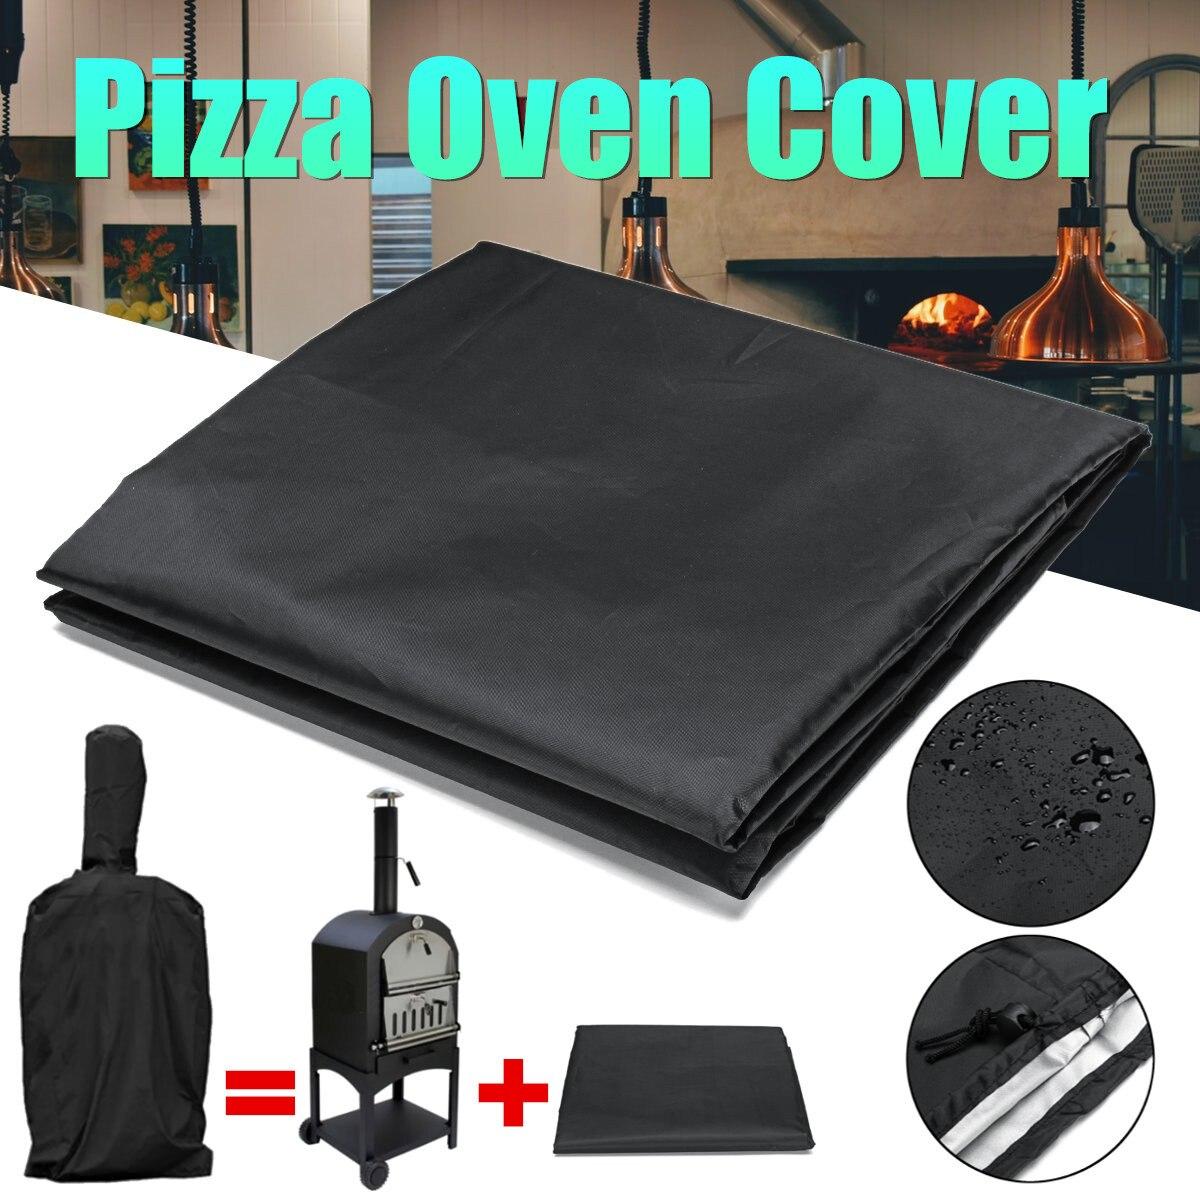 Pizza Oven Cover Outdoor Garden Waterproof BBQ Rain Covers Dustproof